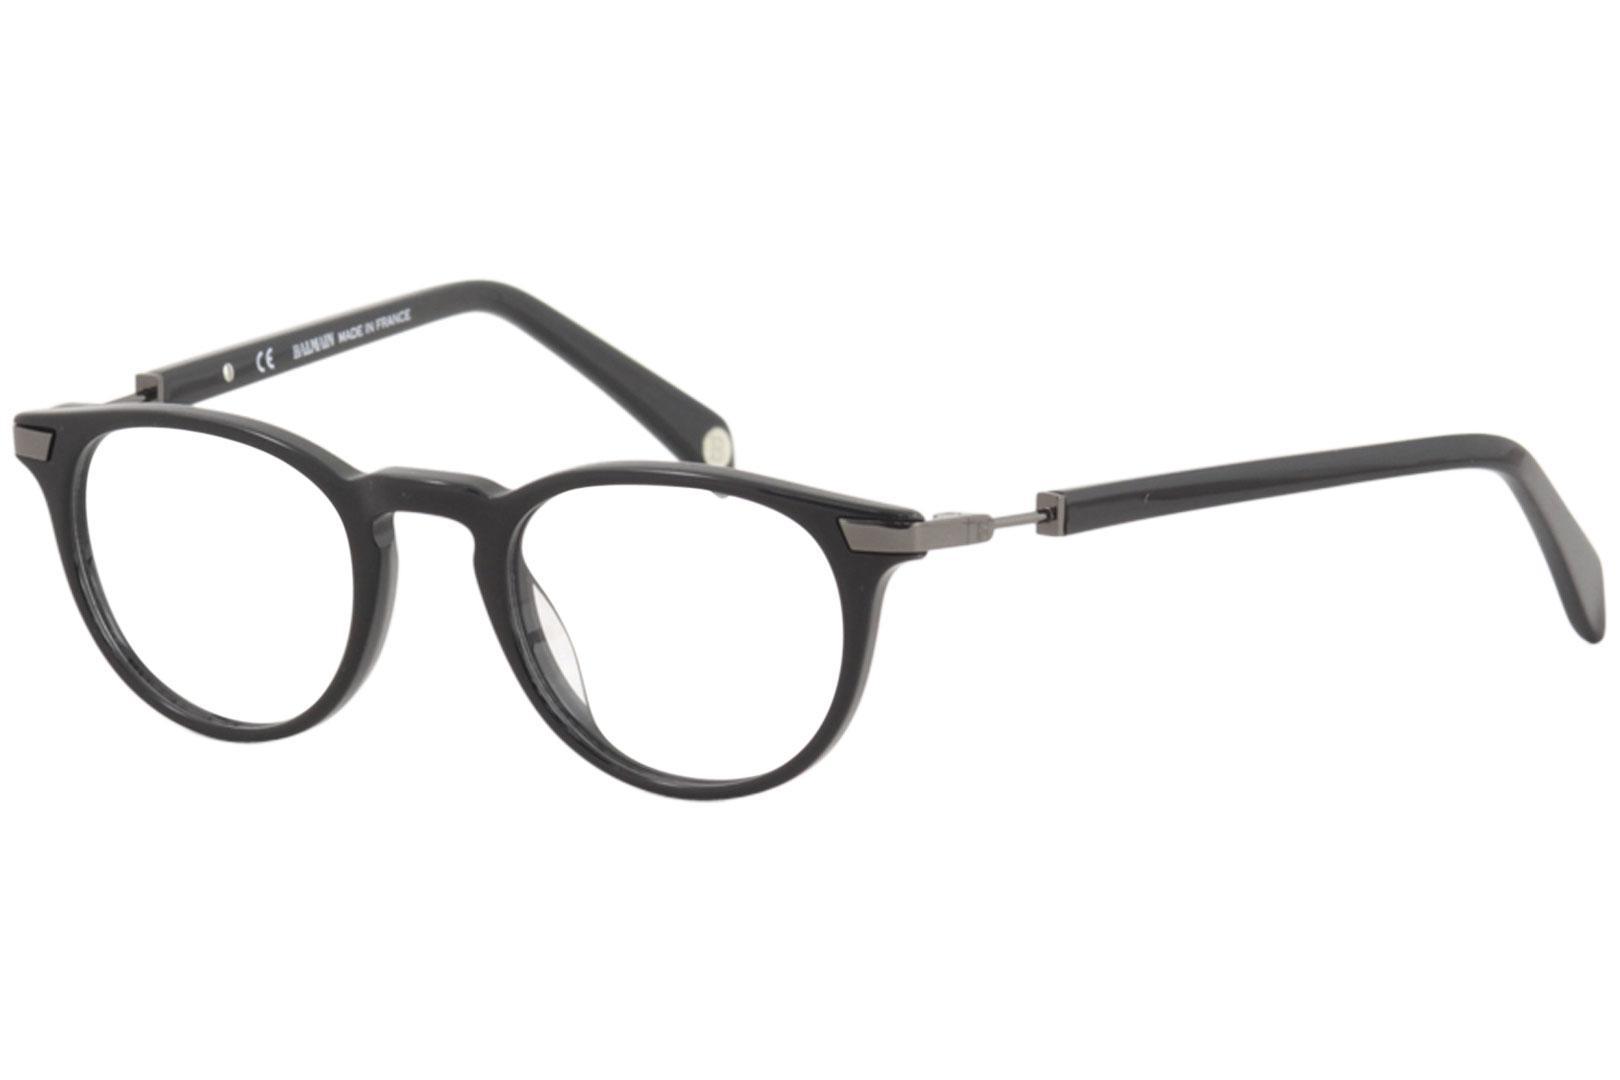 59c1e697f9c Balmain Men s Eyeglasses BL3048 BL 3048 Full Rim Optical Frame by Balmain.  Touch to zoom